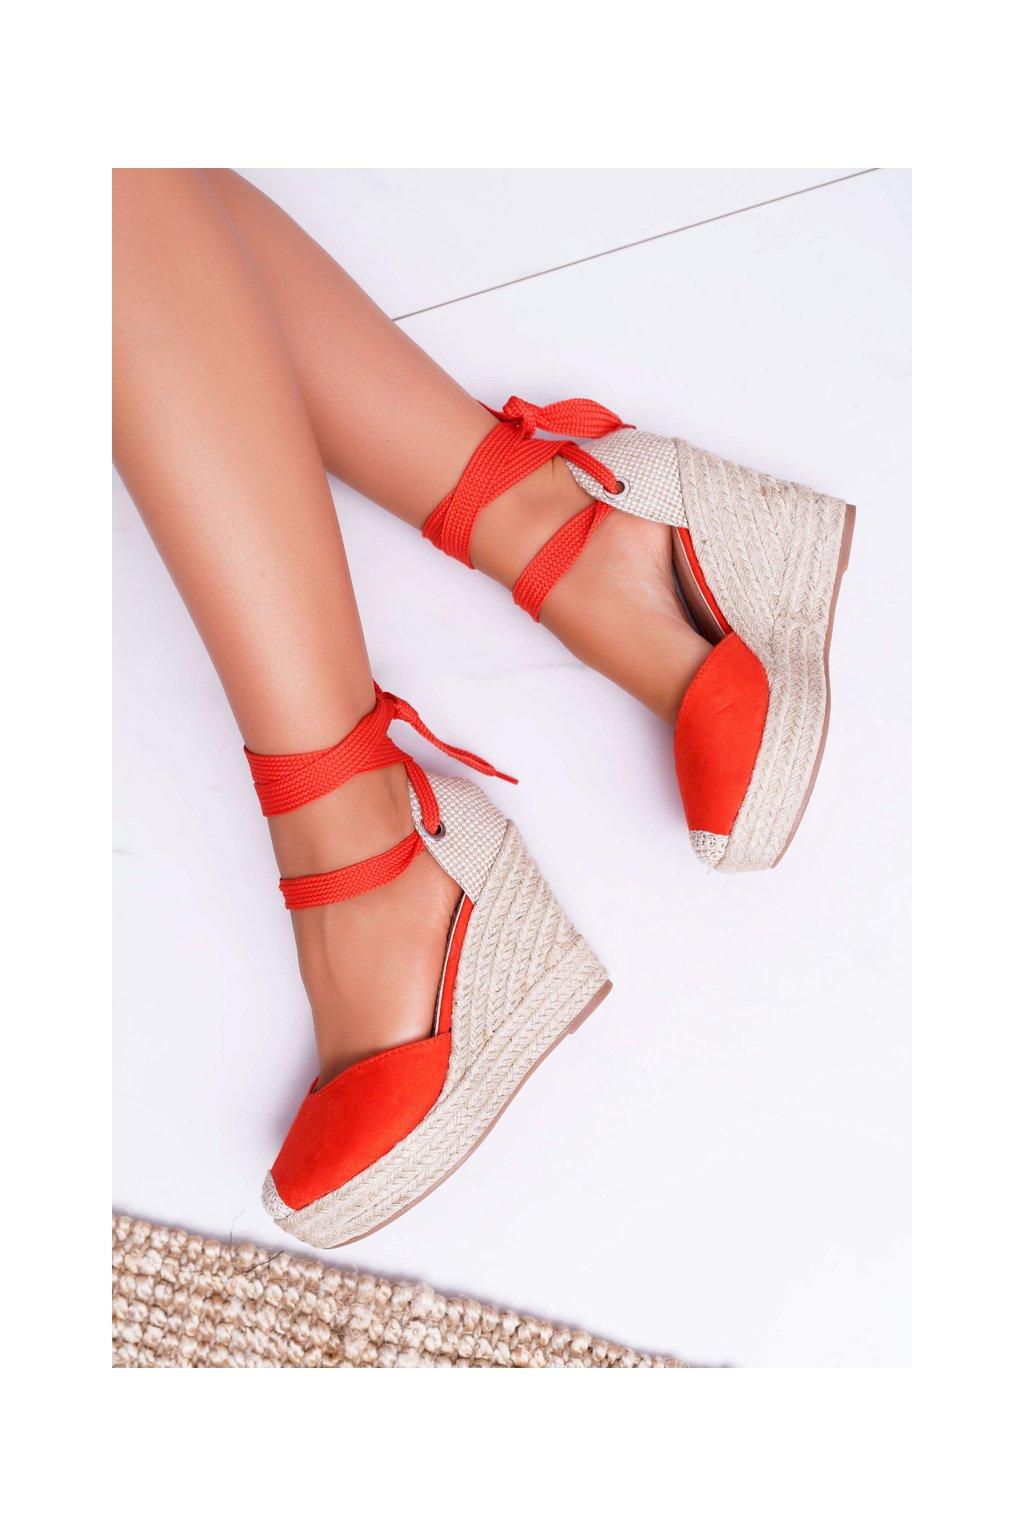 Dámske Sandále na platforme oranžové Tahaya NJSK 4398 Orange